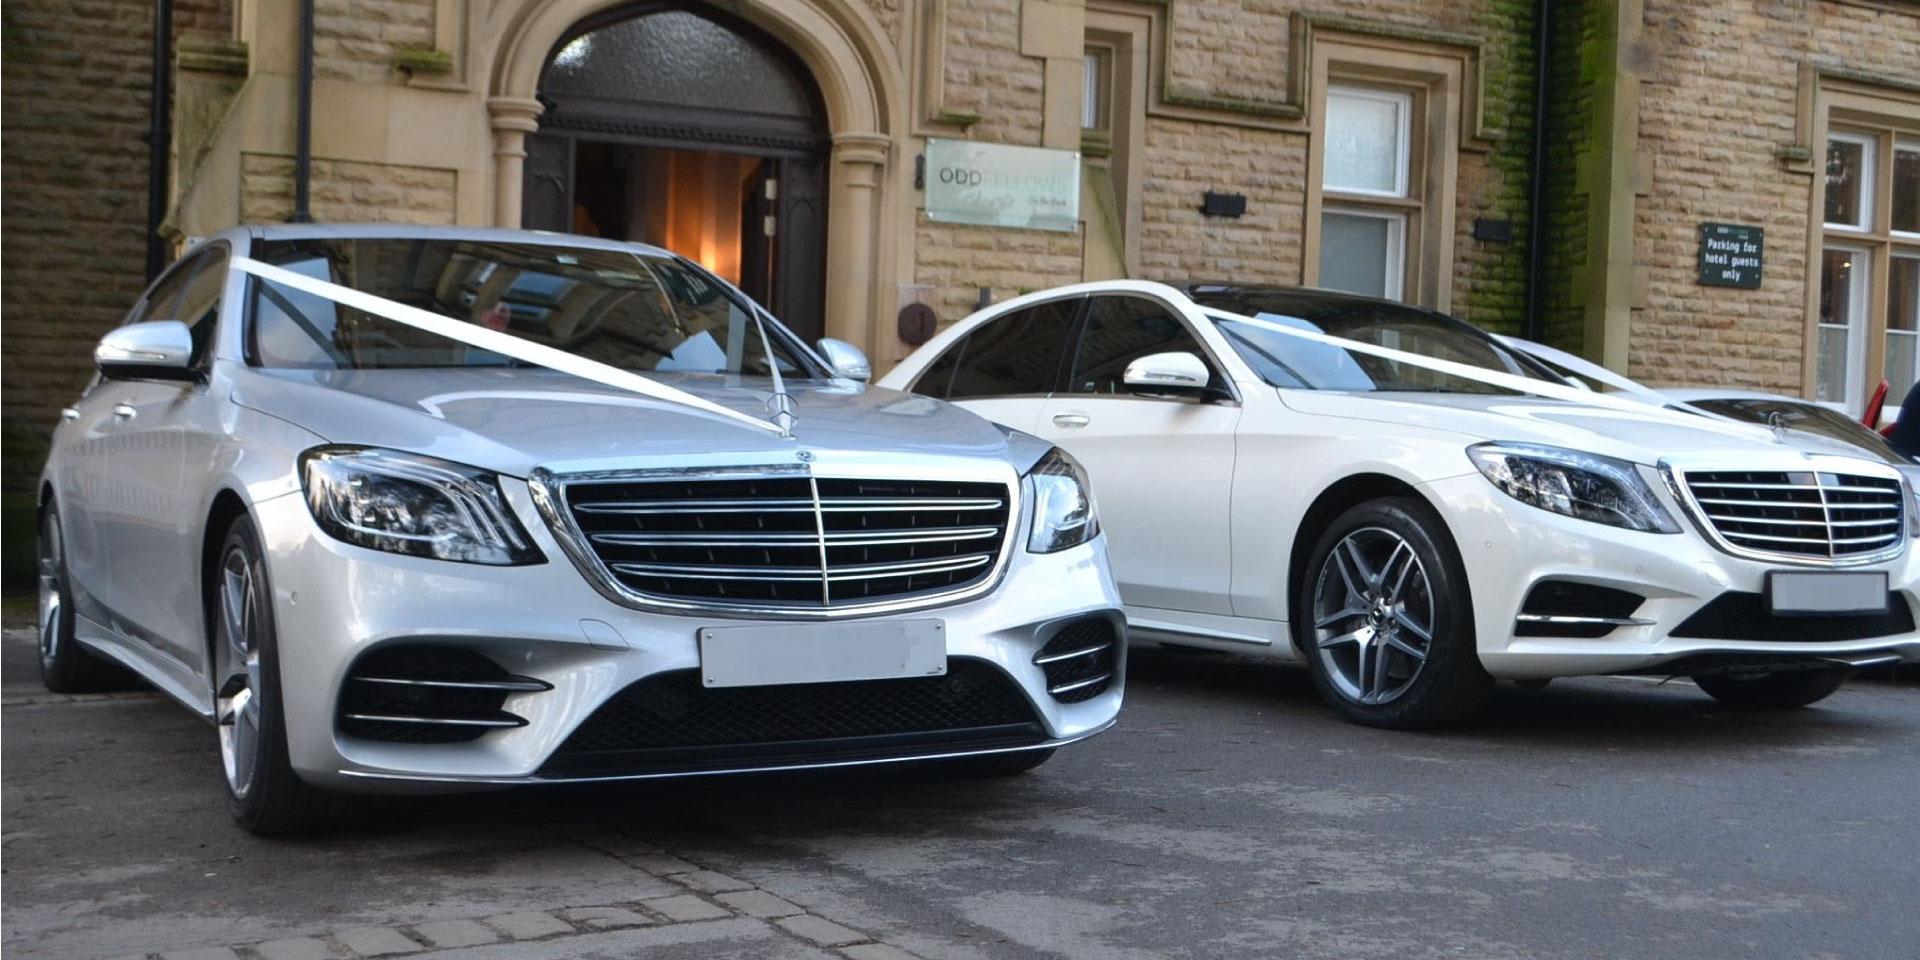 Luxury Mercedes<br>Wedding Car Hire